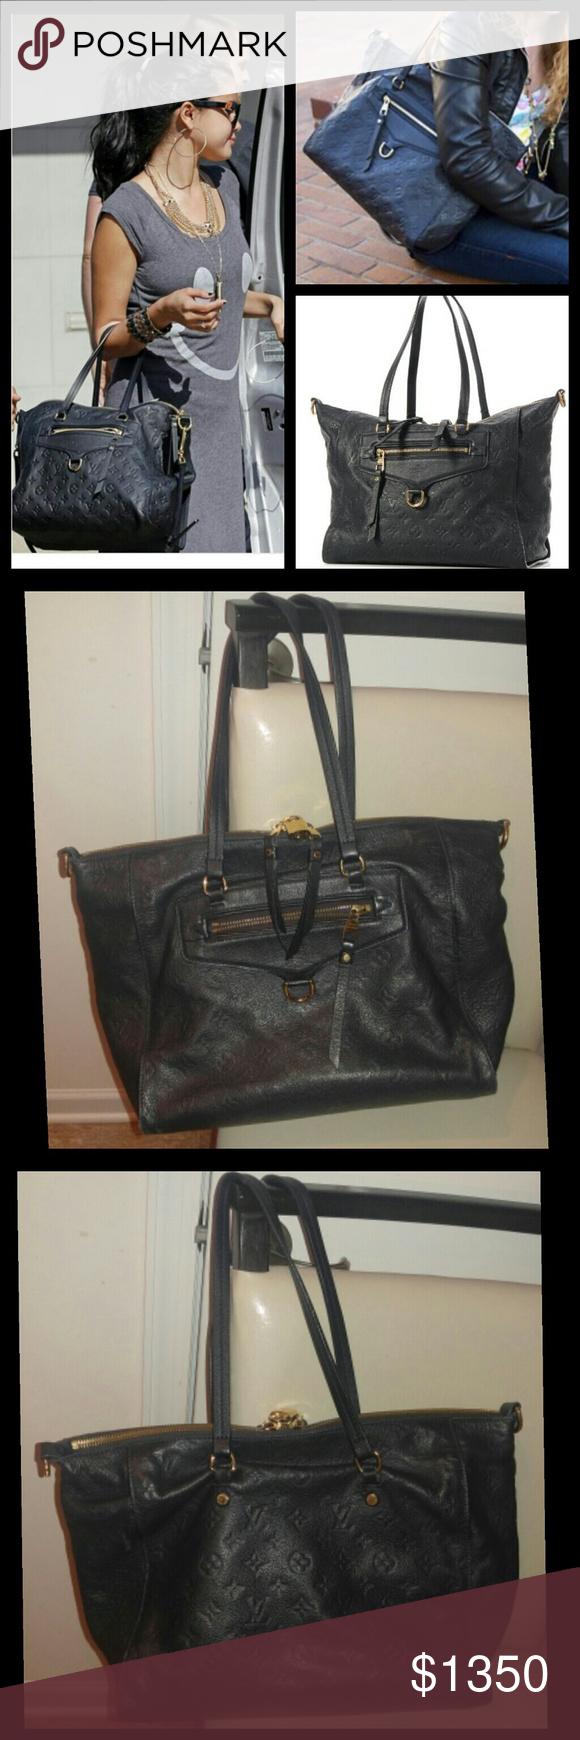 Louis Vuitton Empreinte Lumineuse Infini Pm My Posh Picks